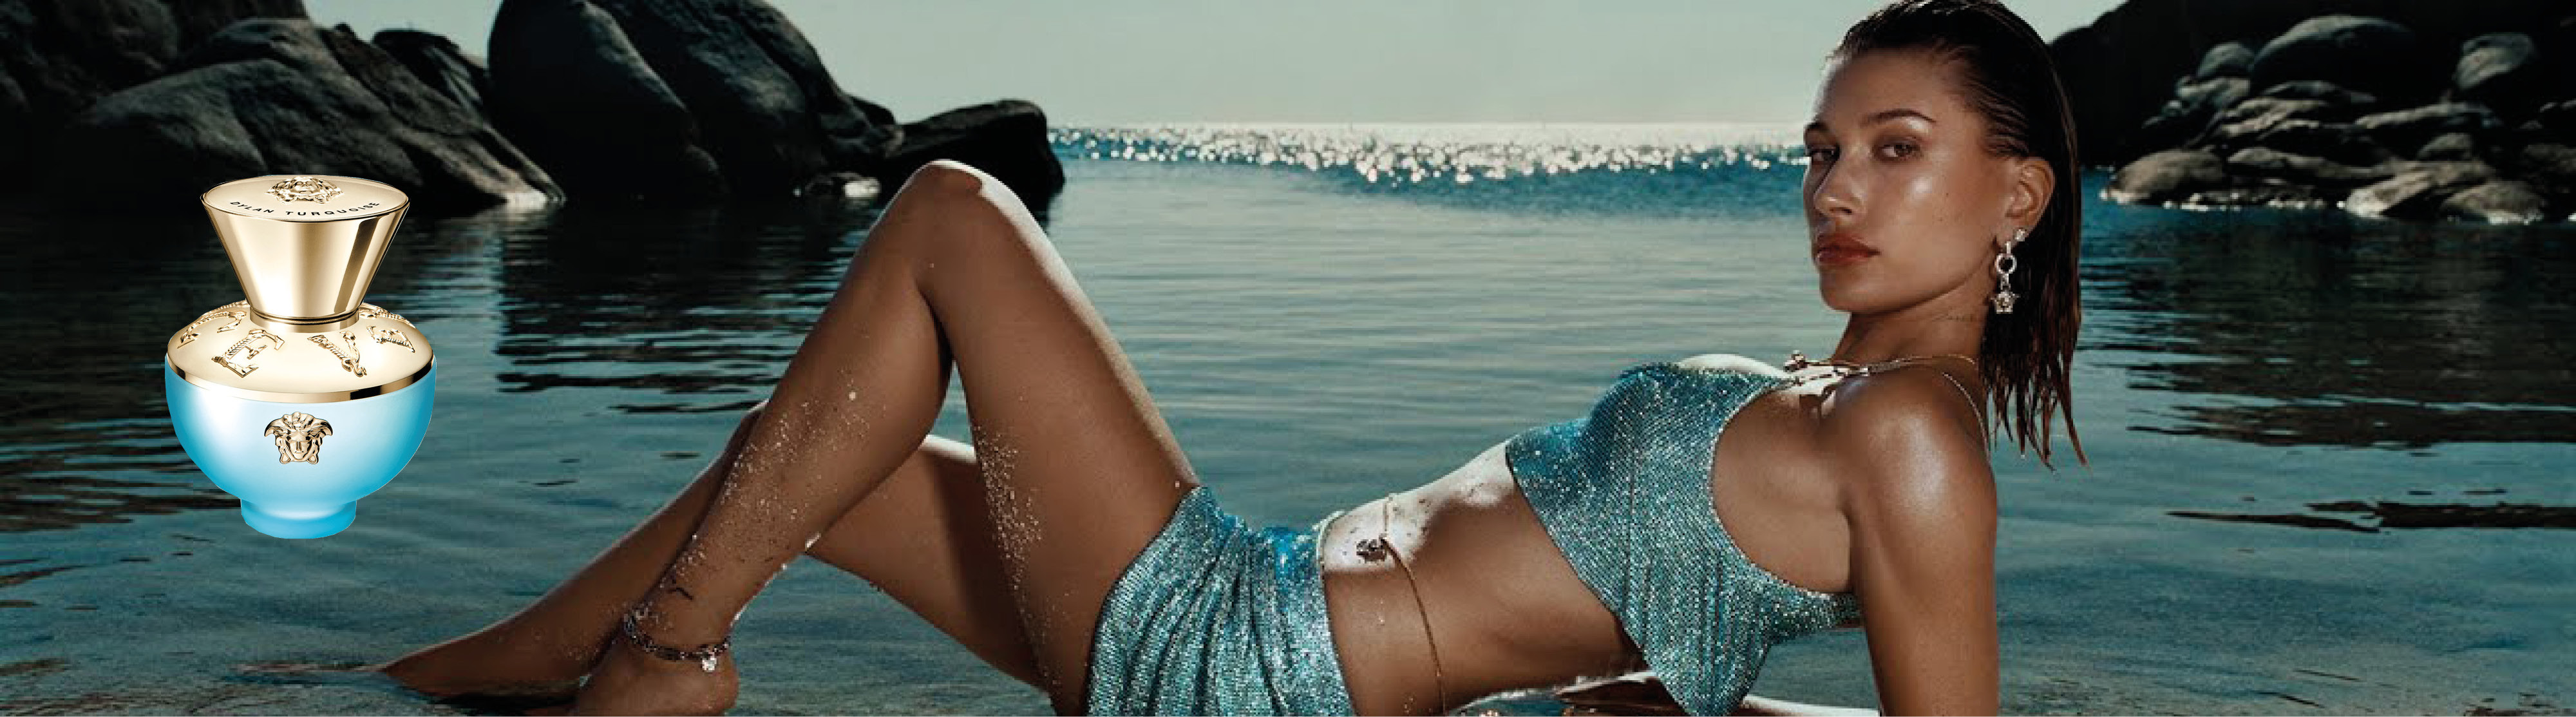 Scopri la nuova fragranza femminile firmata Versace